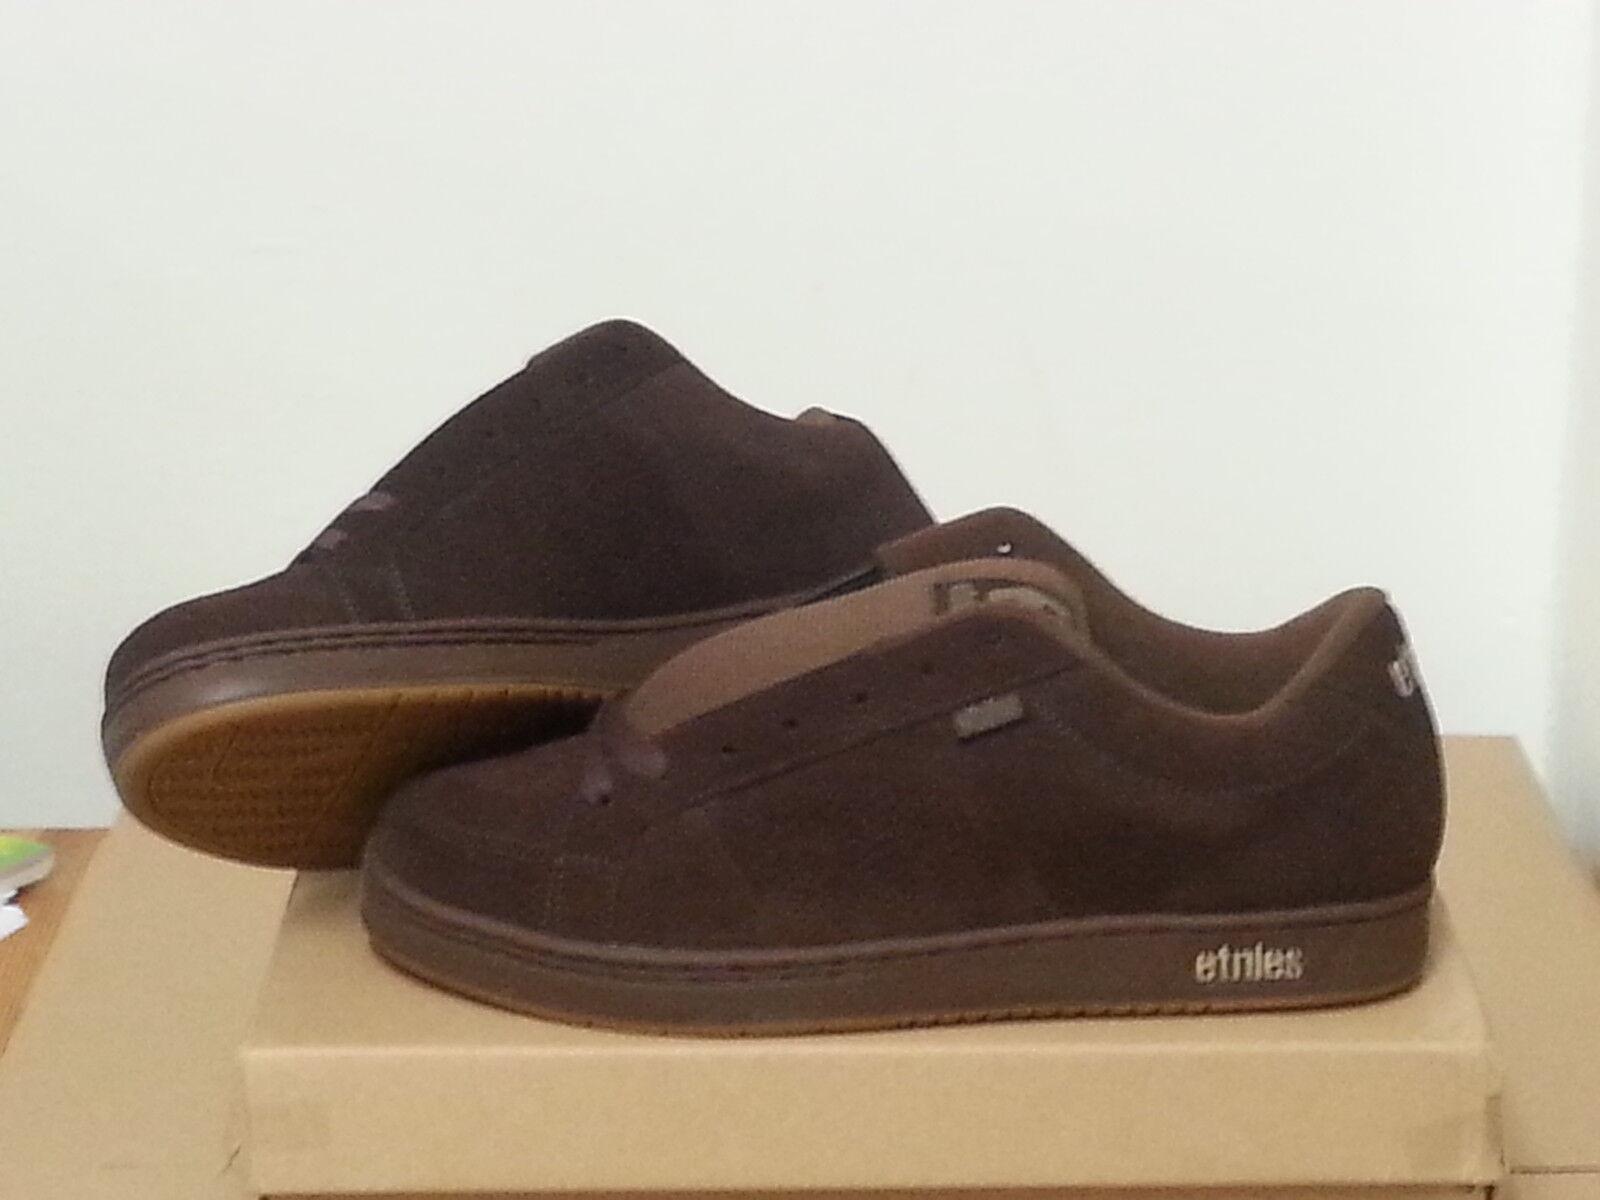 Cómodo y bien parecido Etnies Kingpin SMU skater zapato Fader Scout [4107000030236] nuevo embalaje original